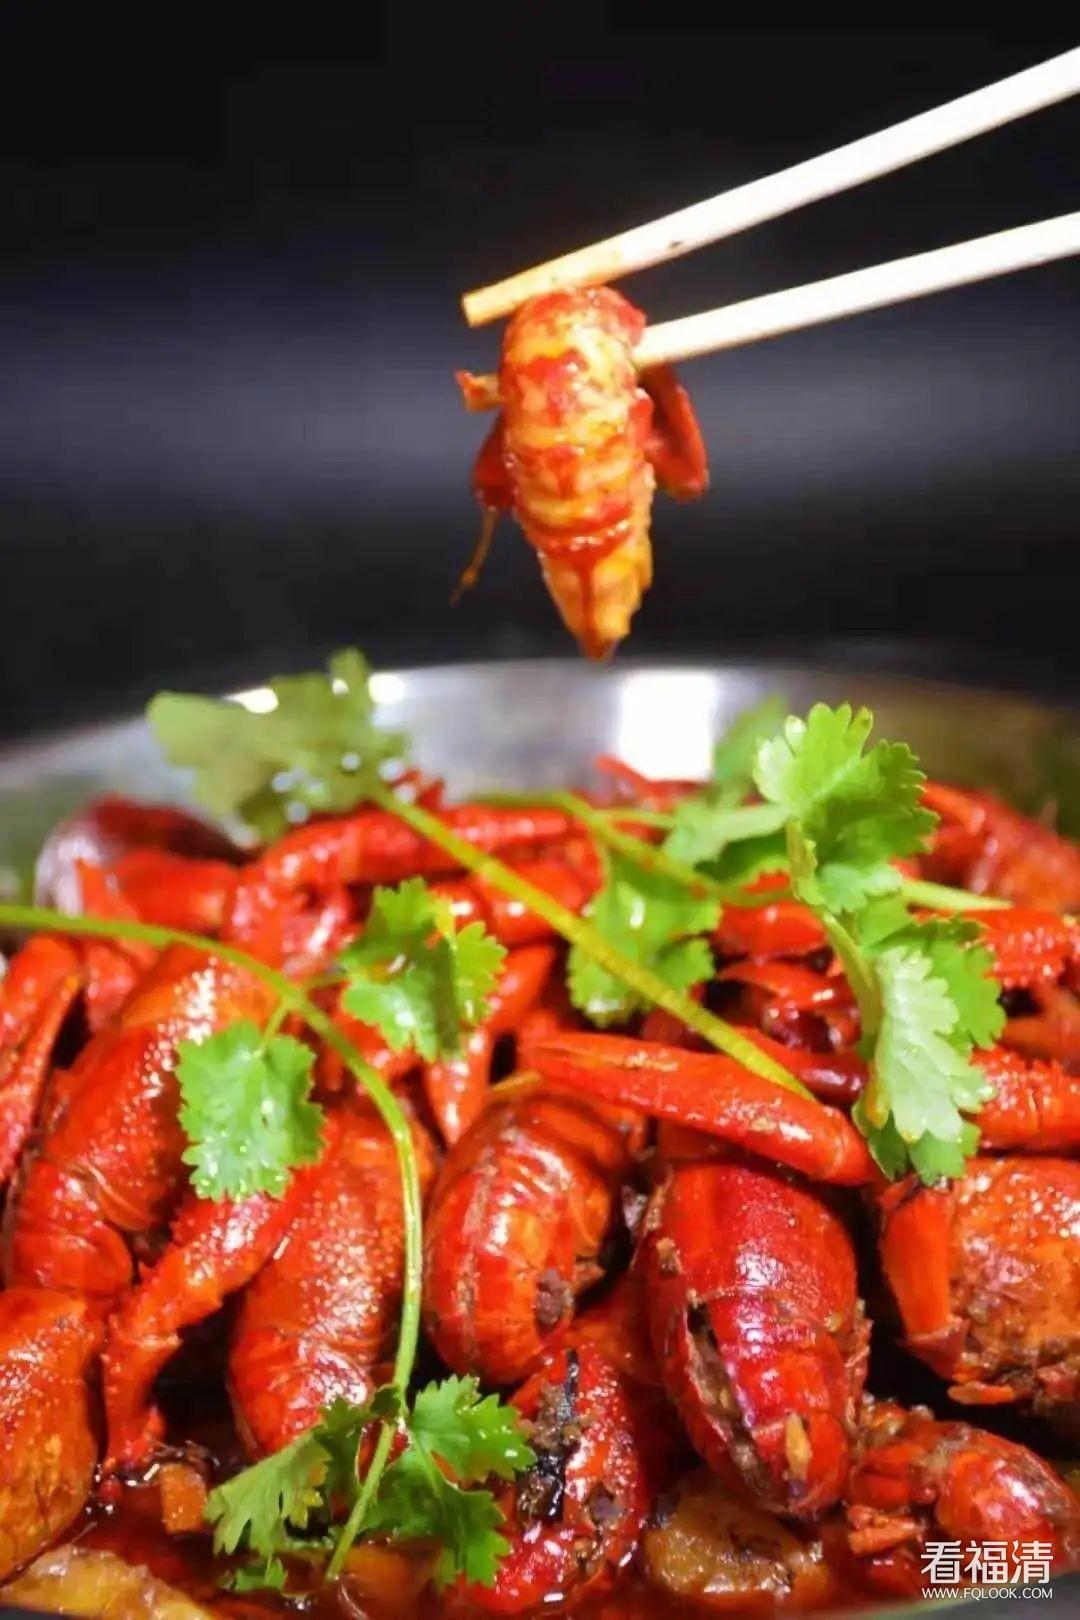 福清哪家小龙虾好吃?